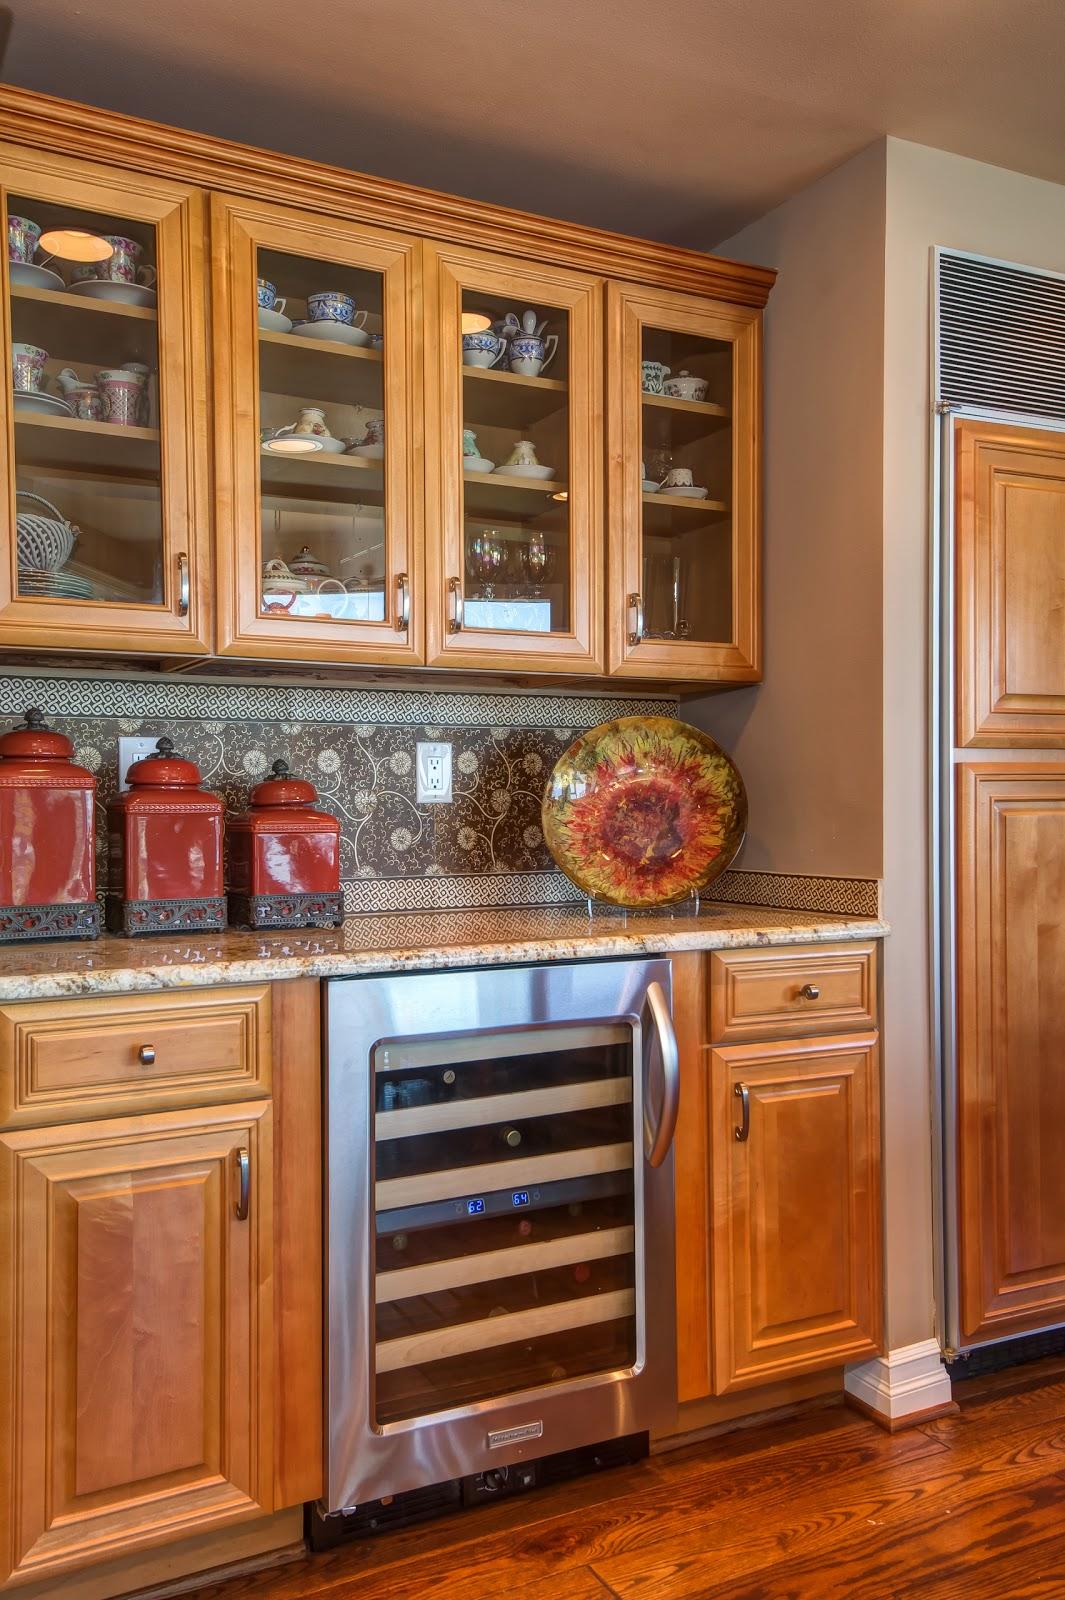 Detail Of Kitchen With Wine Storage.